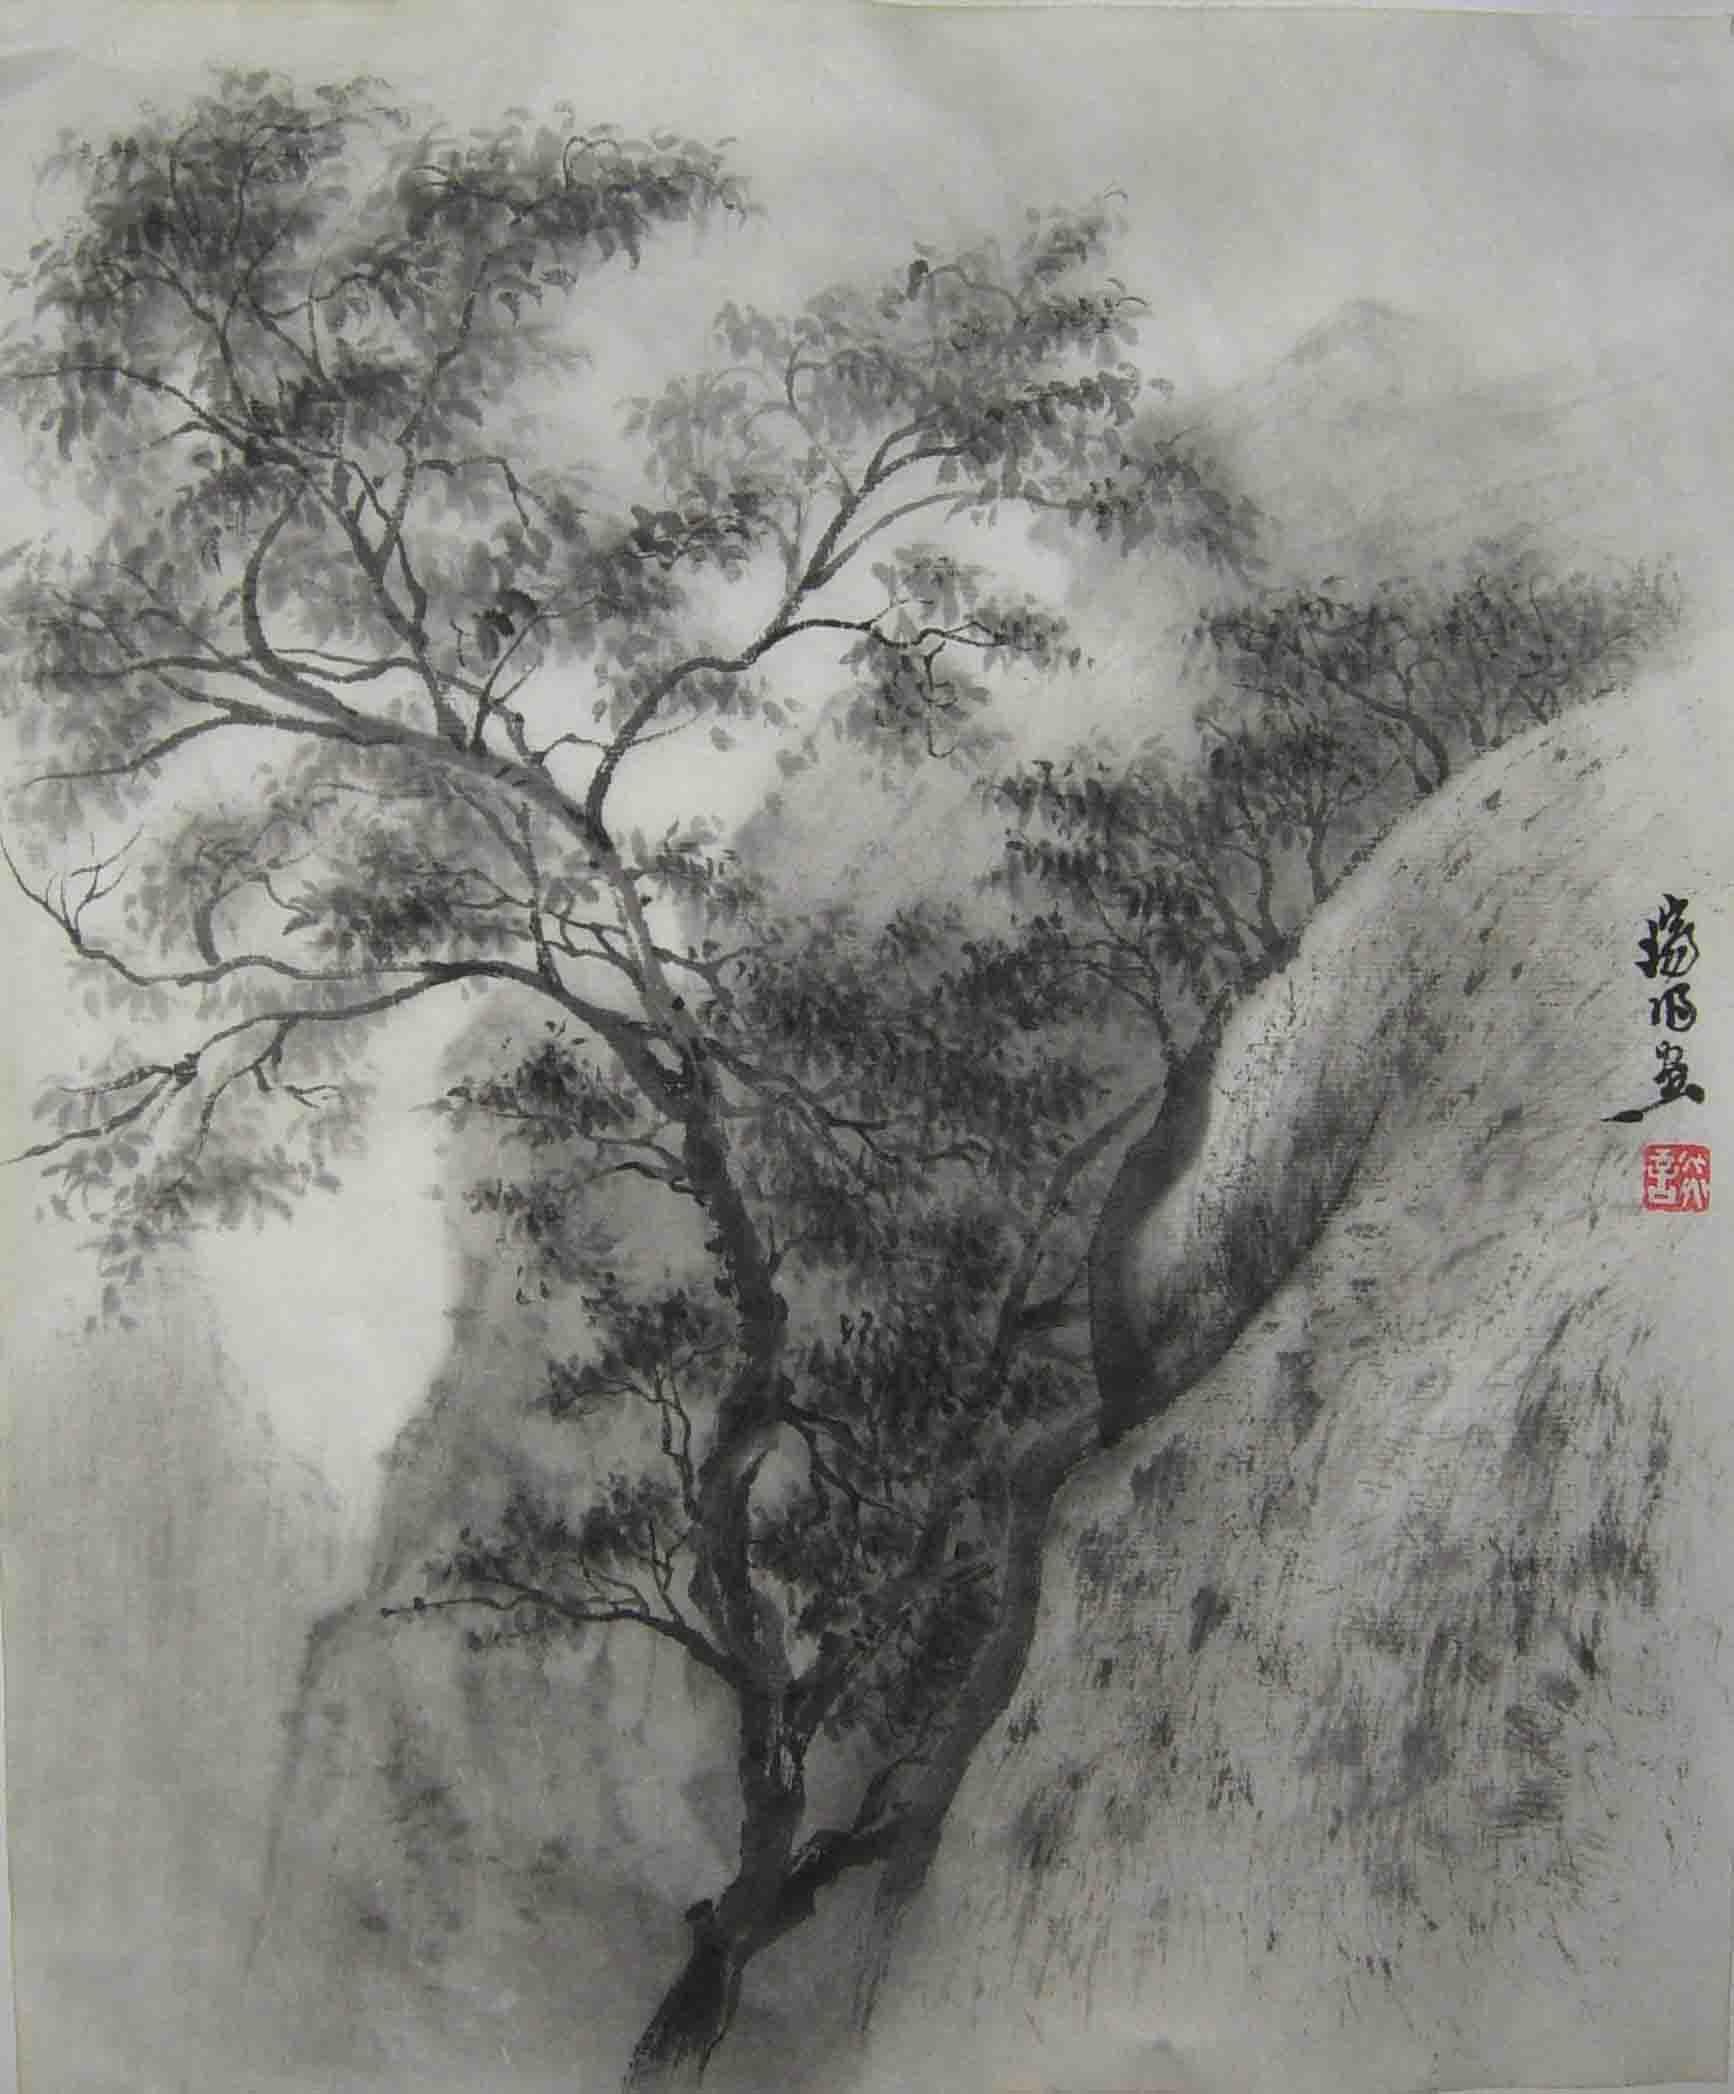 嵩山风景-艺术大师谈瑞明作品